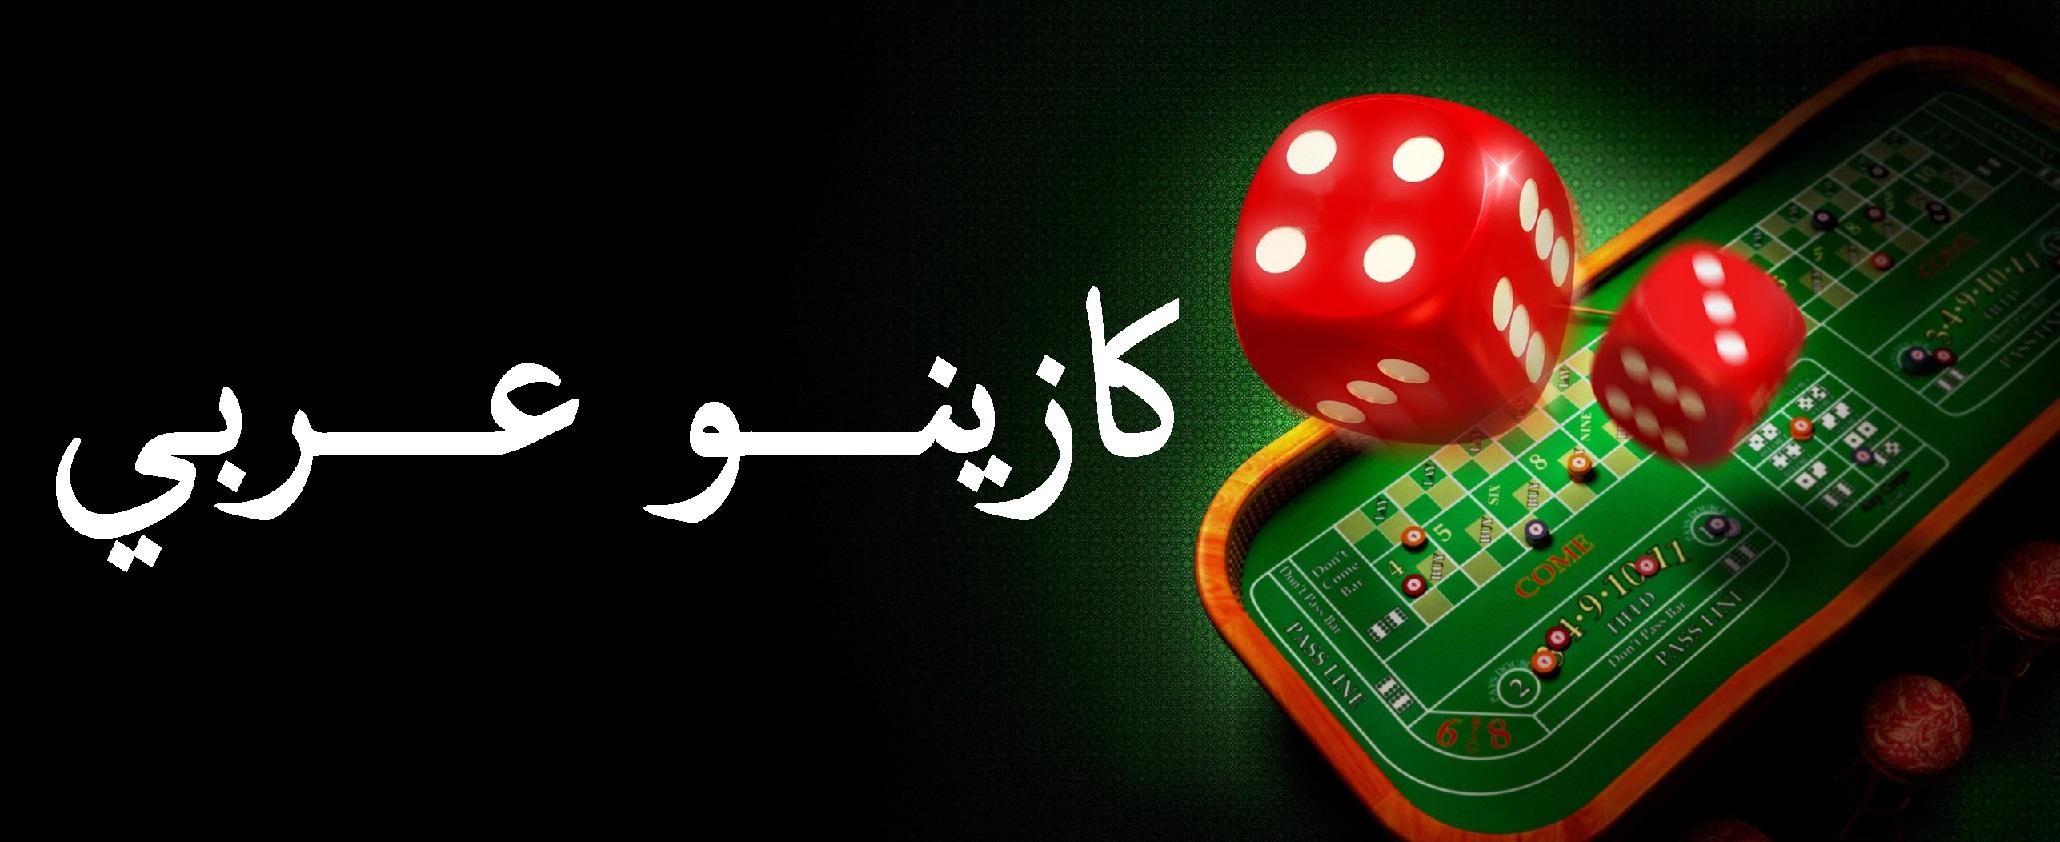 البوكر العربية ماهي 998020